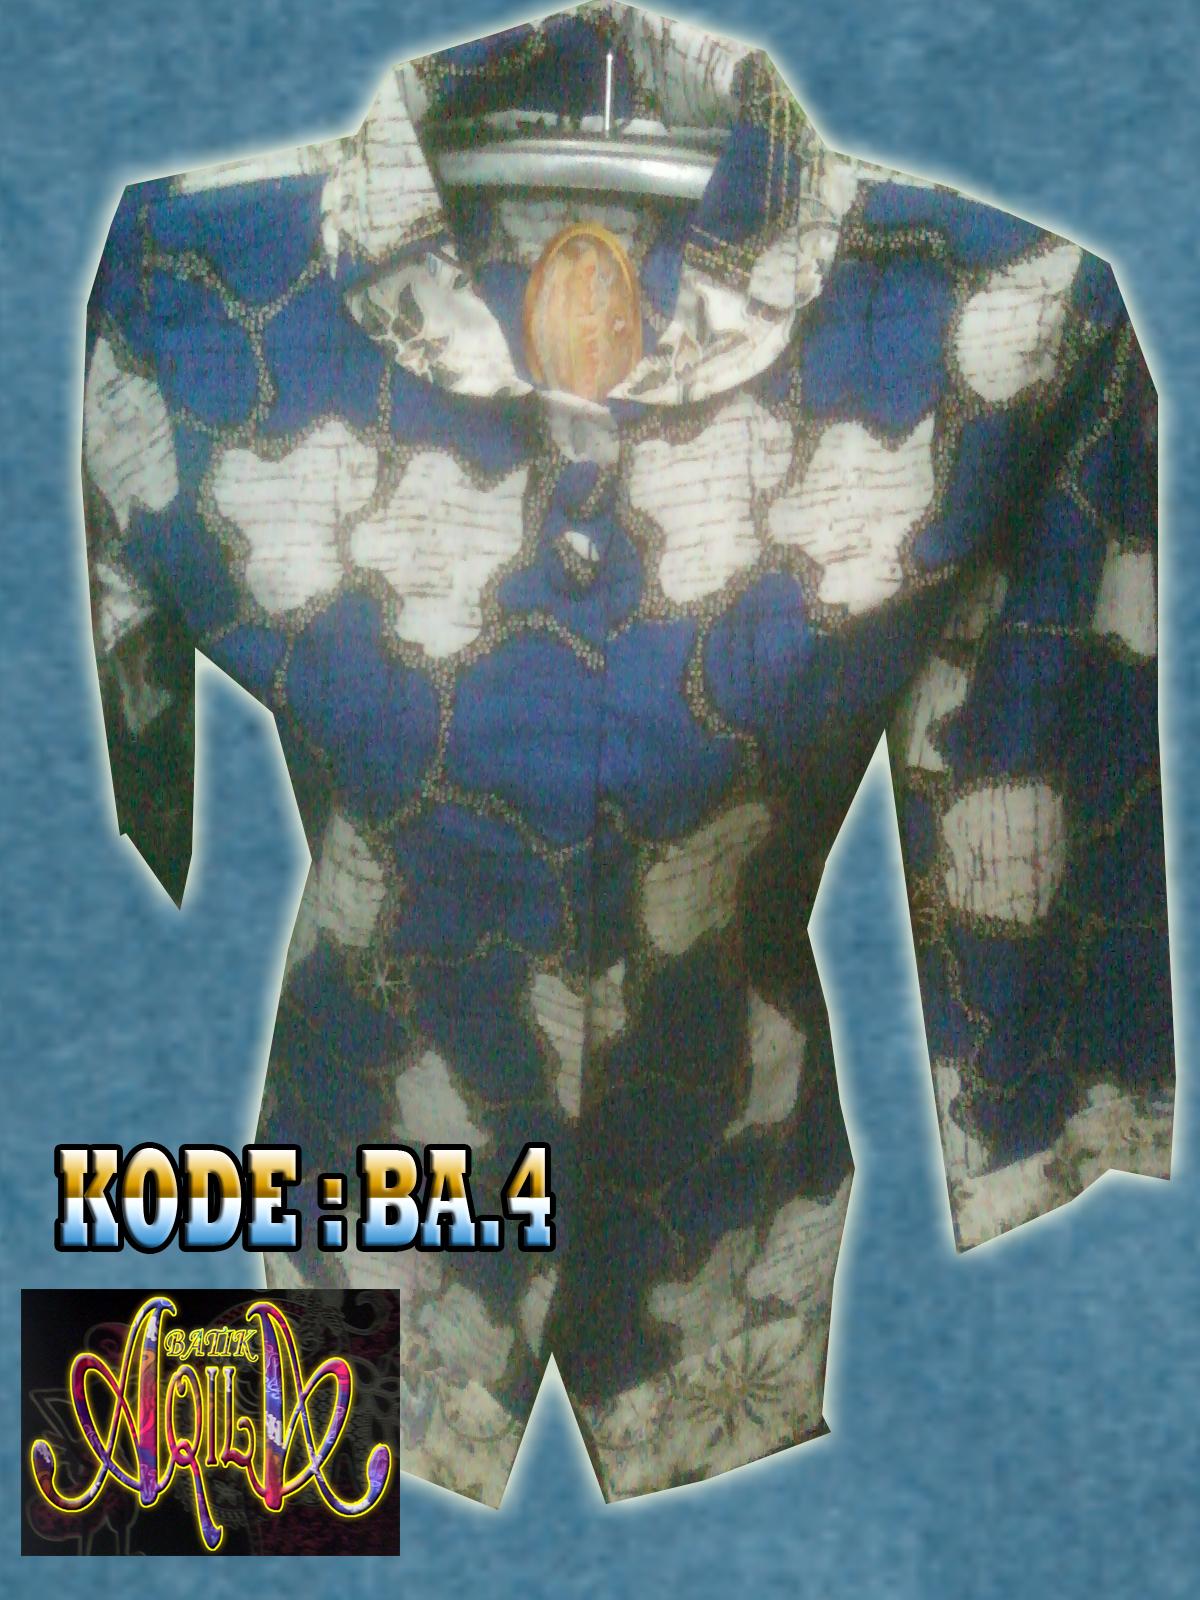 BAJU ATASAN BATIK WANITA KODE BA.4, Batik Halus, tidak Panas dipakai, cocok untuk digunakan sebagai baju harian anda untuk waktu bersantai anda.SPECIAL PRICE Rp. 45.000/potong, informasi hubungi : 085742125550 (Indosat),http://batikaqila.blogspot.com